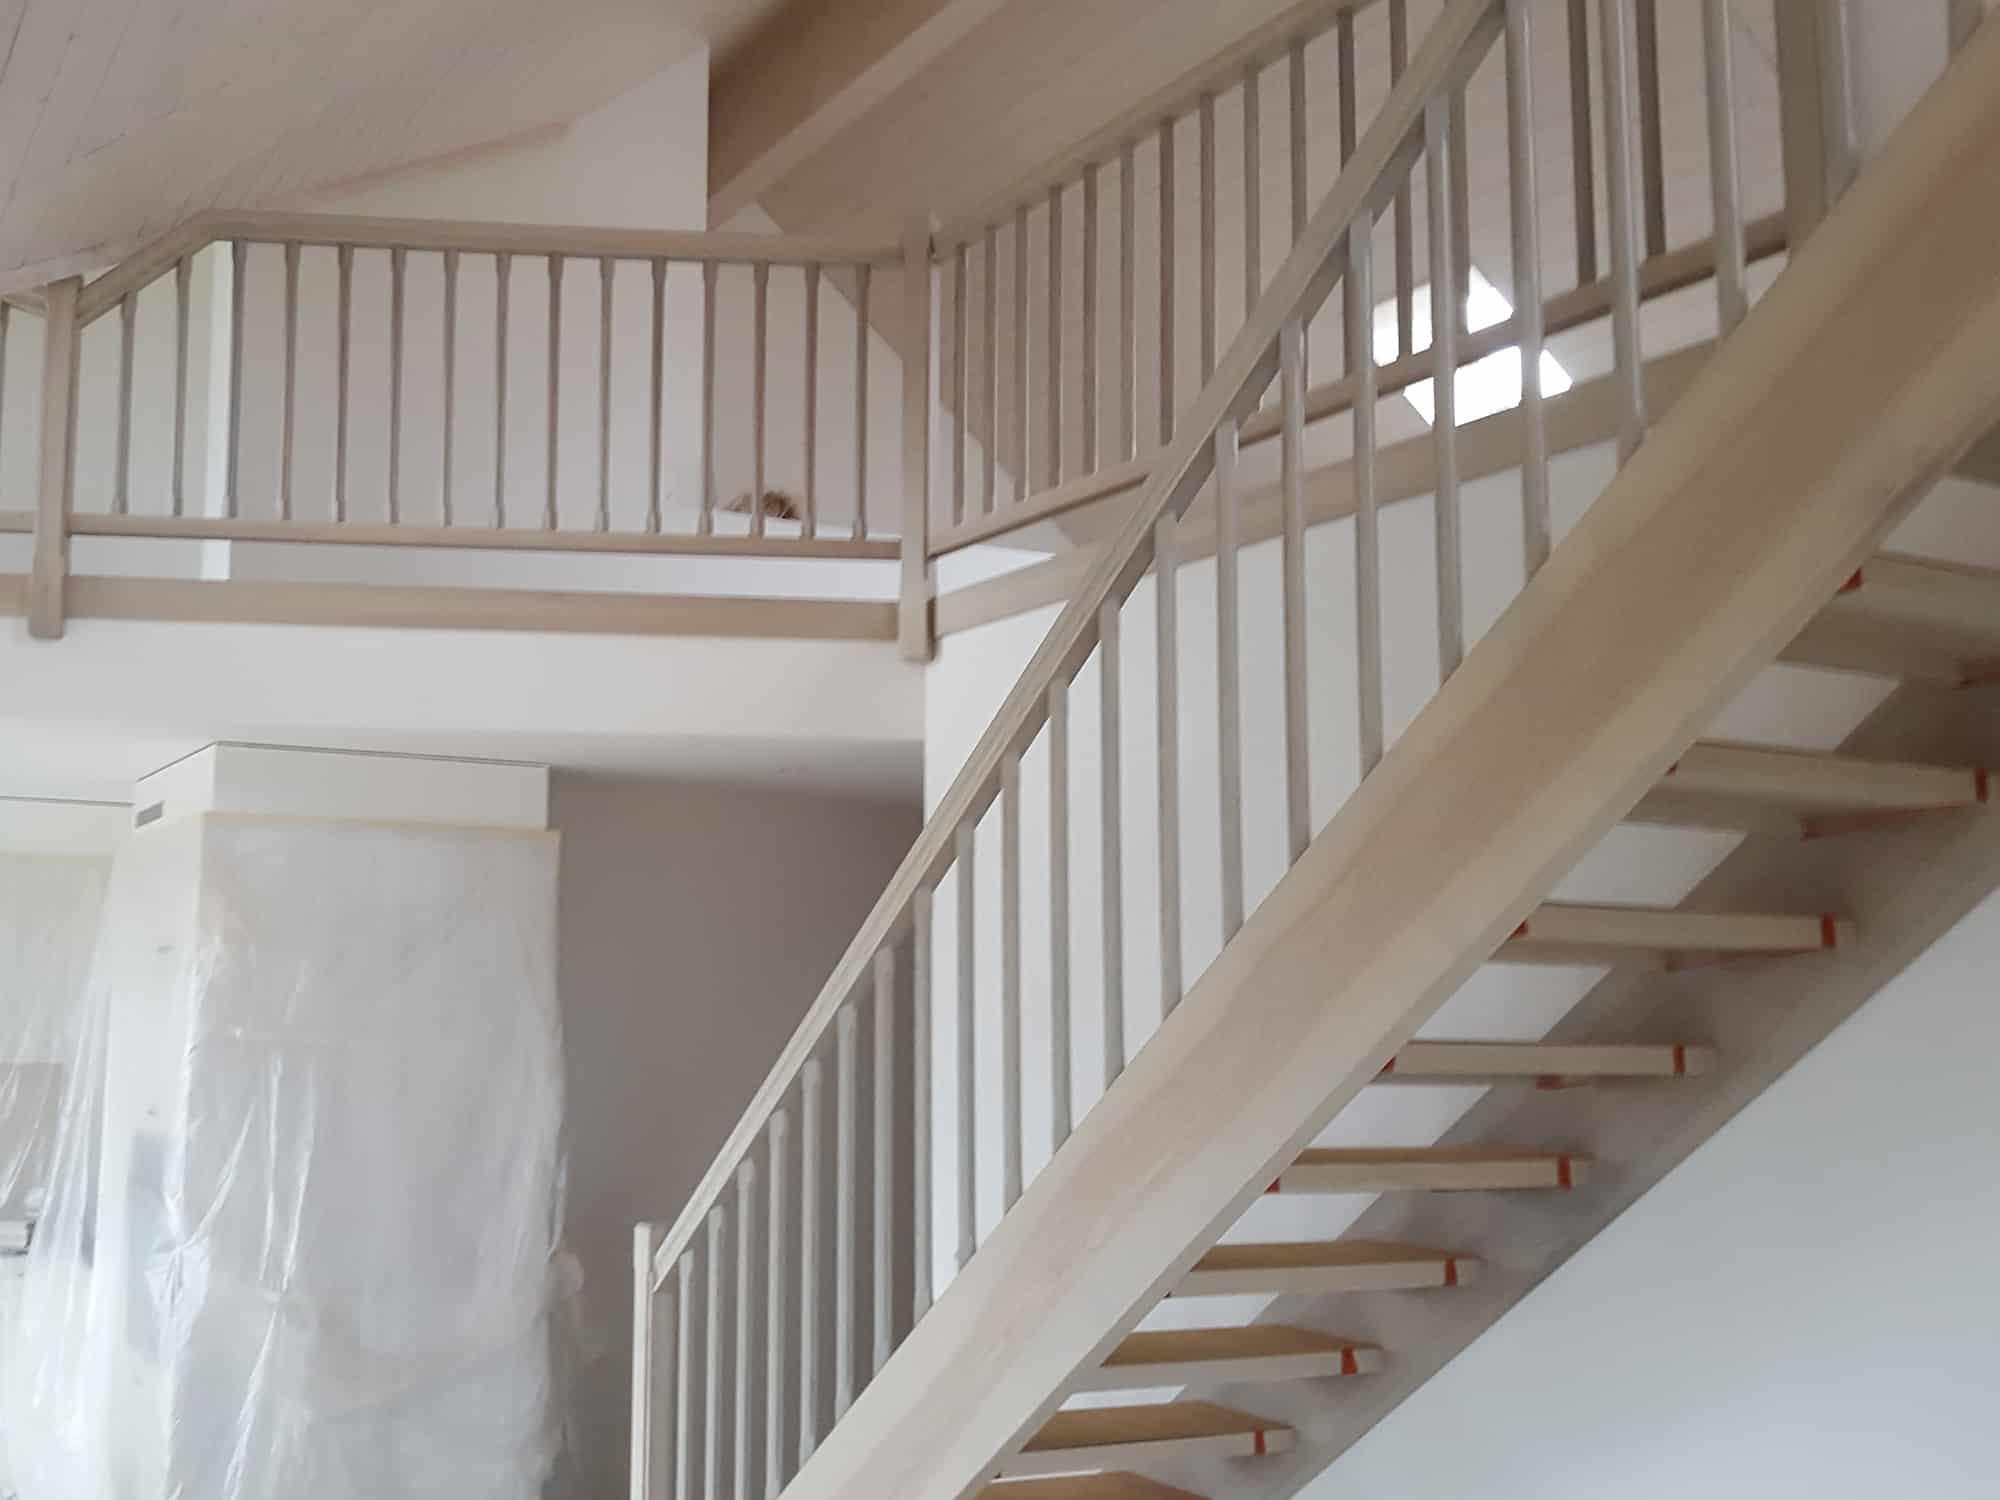 photos_escaliers_0020_20170209_155320